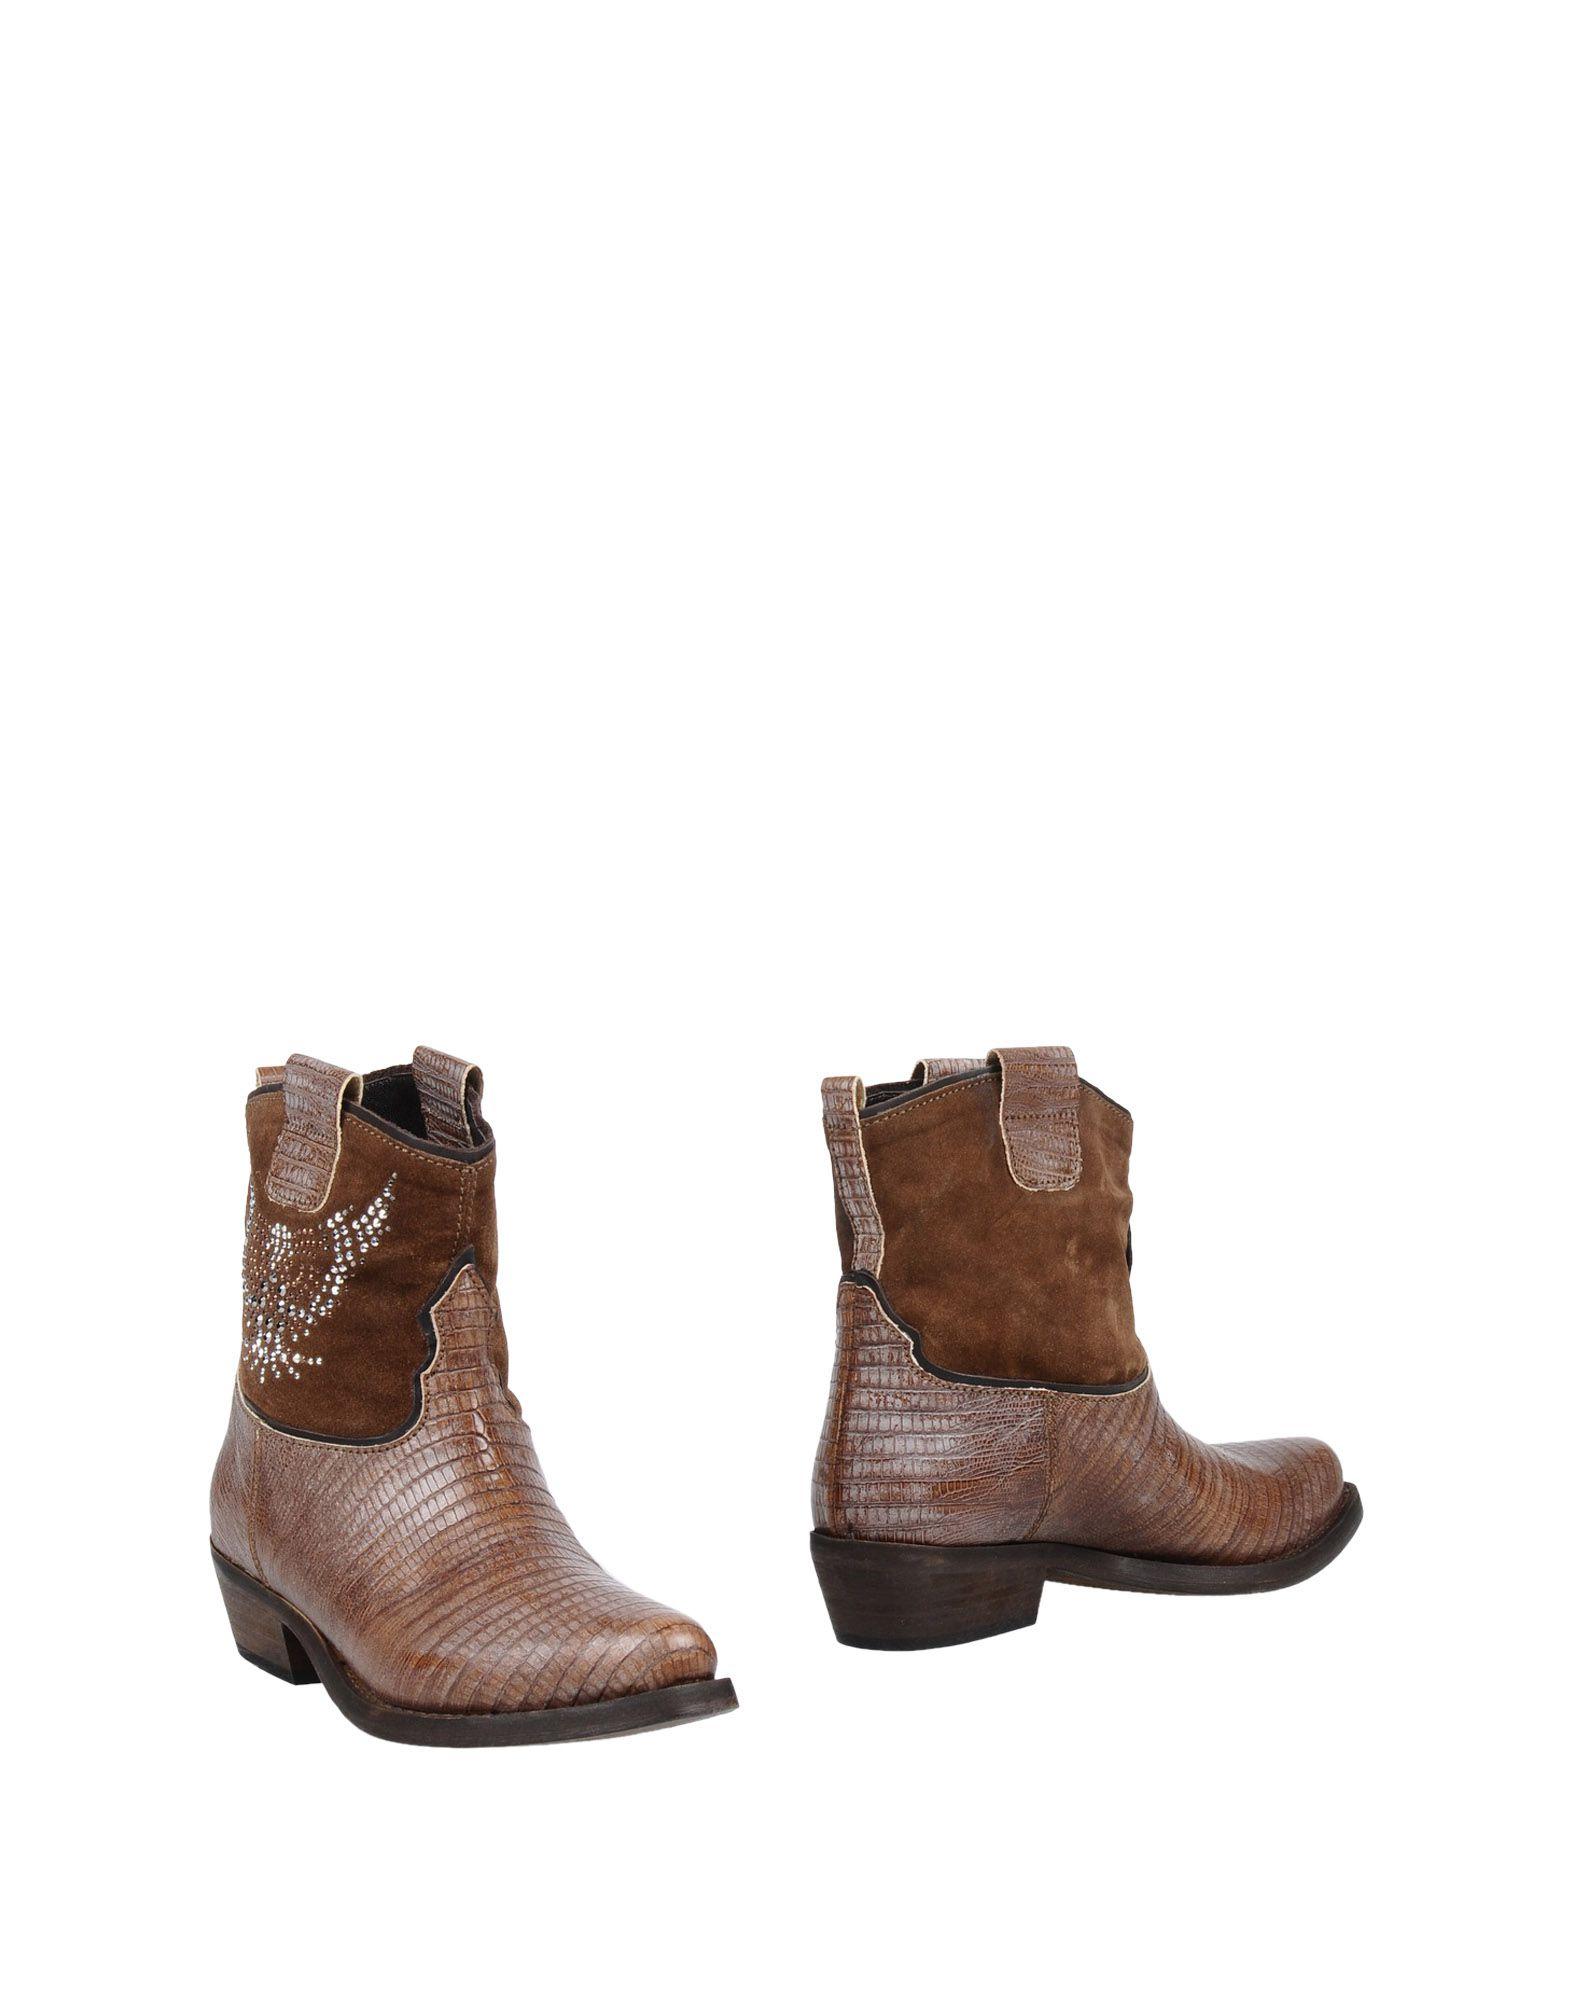 Garrice Stiefelette Damen  11418502OD Gute Qualität beliebte Schuhe